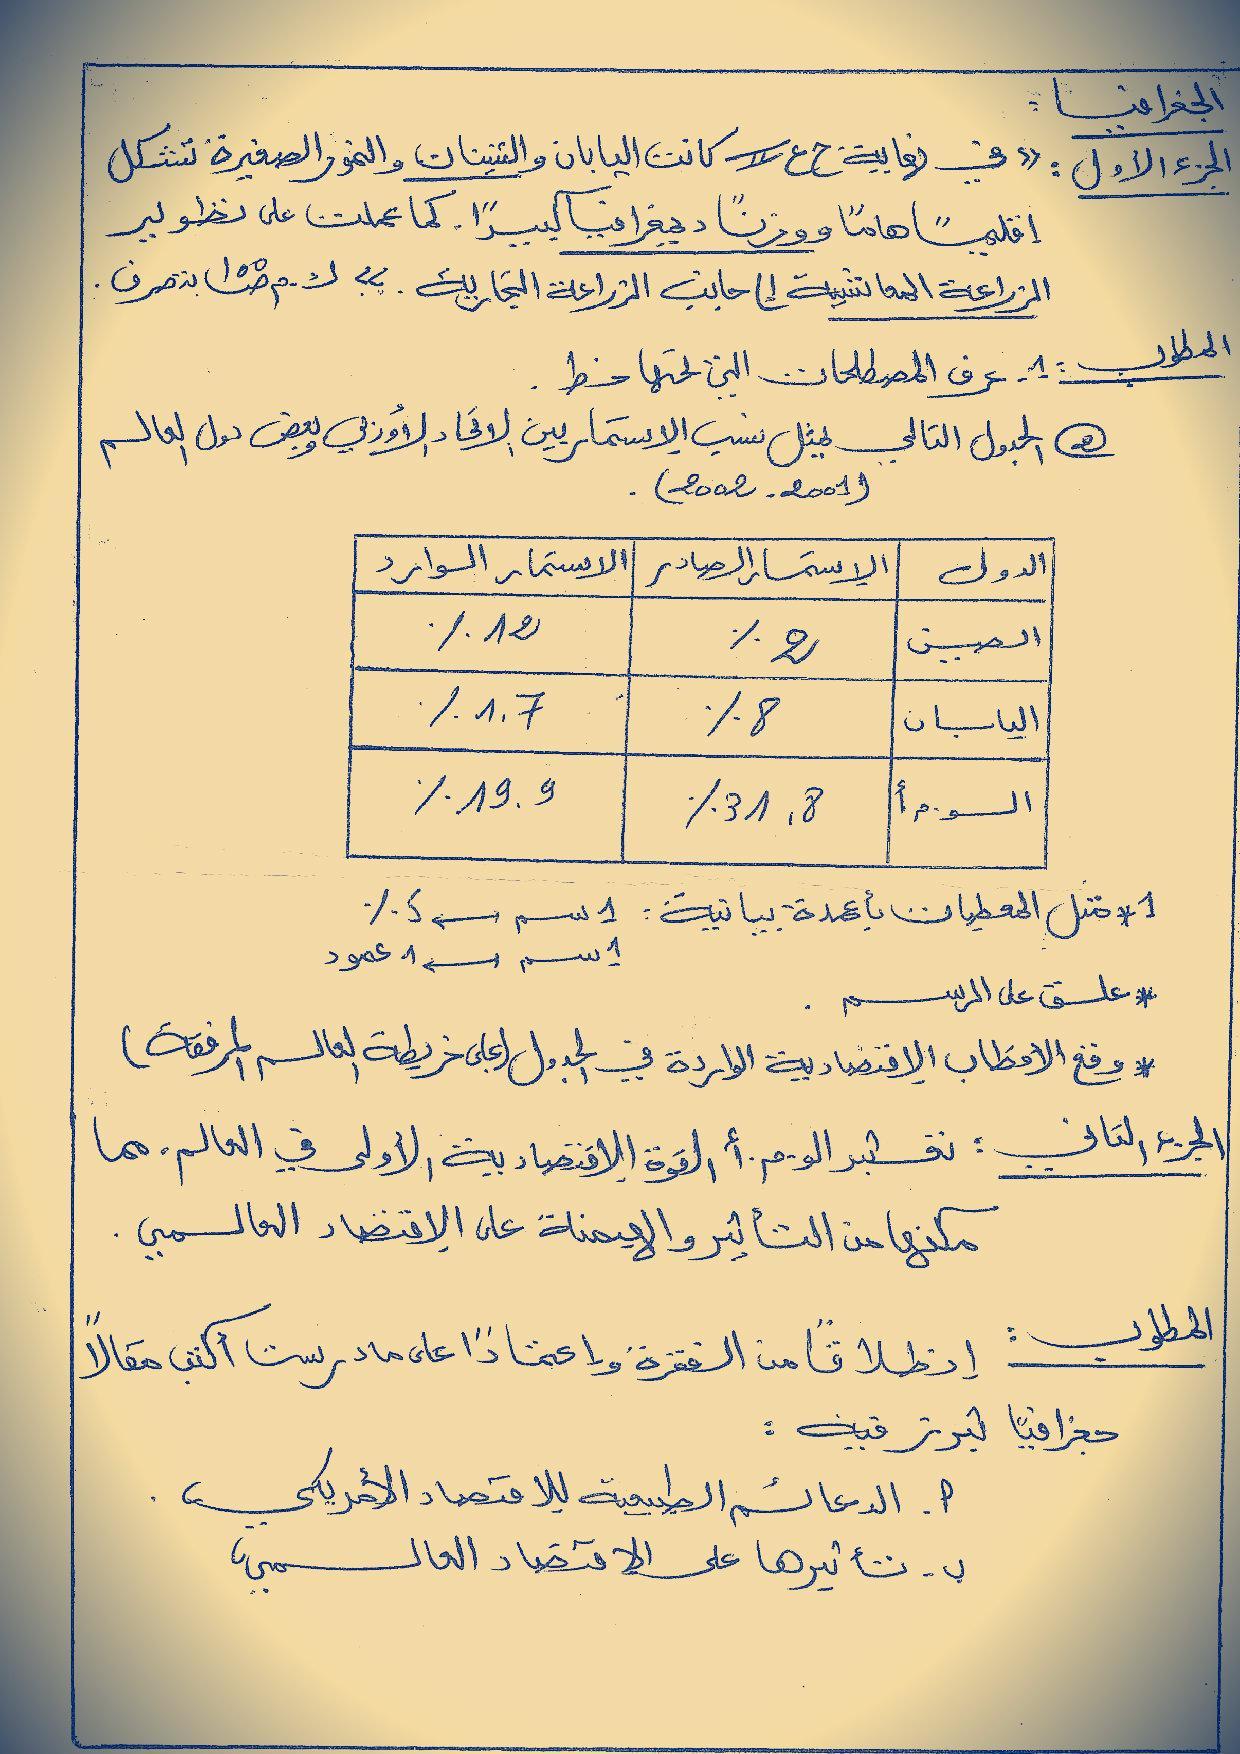 اختبارات ثانويتي للفصل الثاني..شعبة العلوم تجريبية~ 863017938.jpg